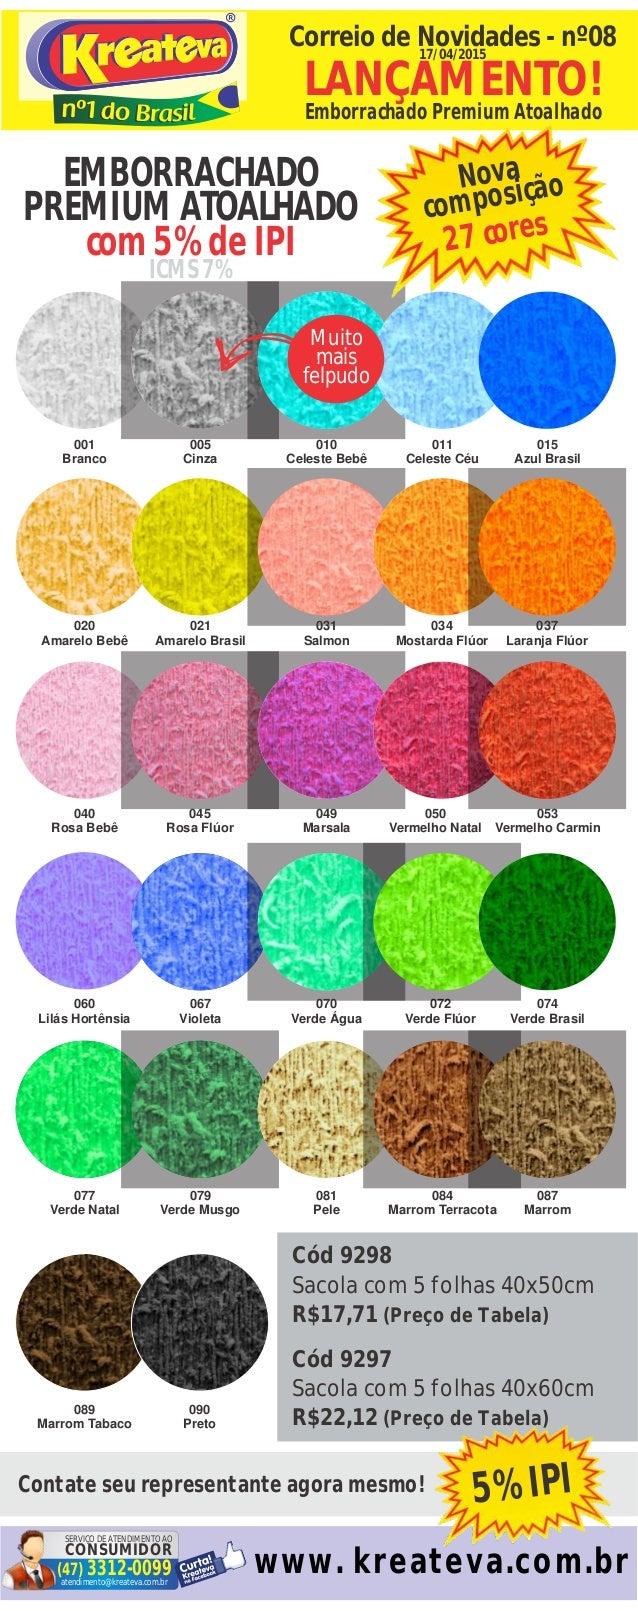 Cód 9298 Sacola com 5 folhas 40x50cm R$17,71 (Preço de Tabela) Cód 9297 Sacola com 5 folhas 40x60cm R$22,12 (Preço de Tabe...